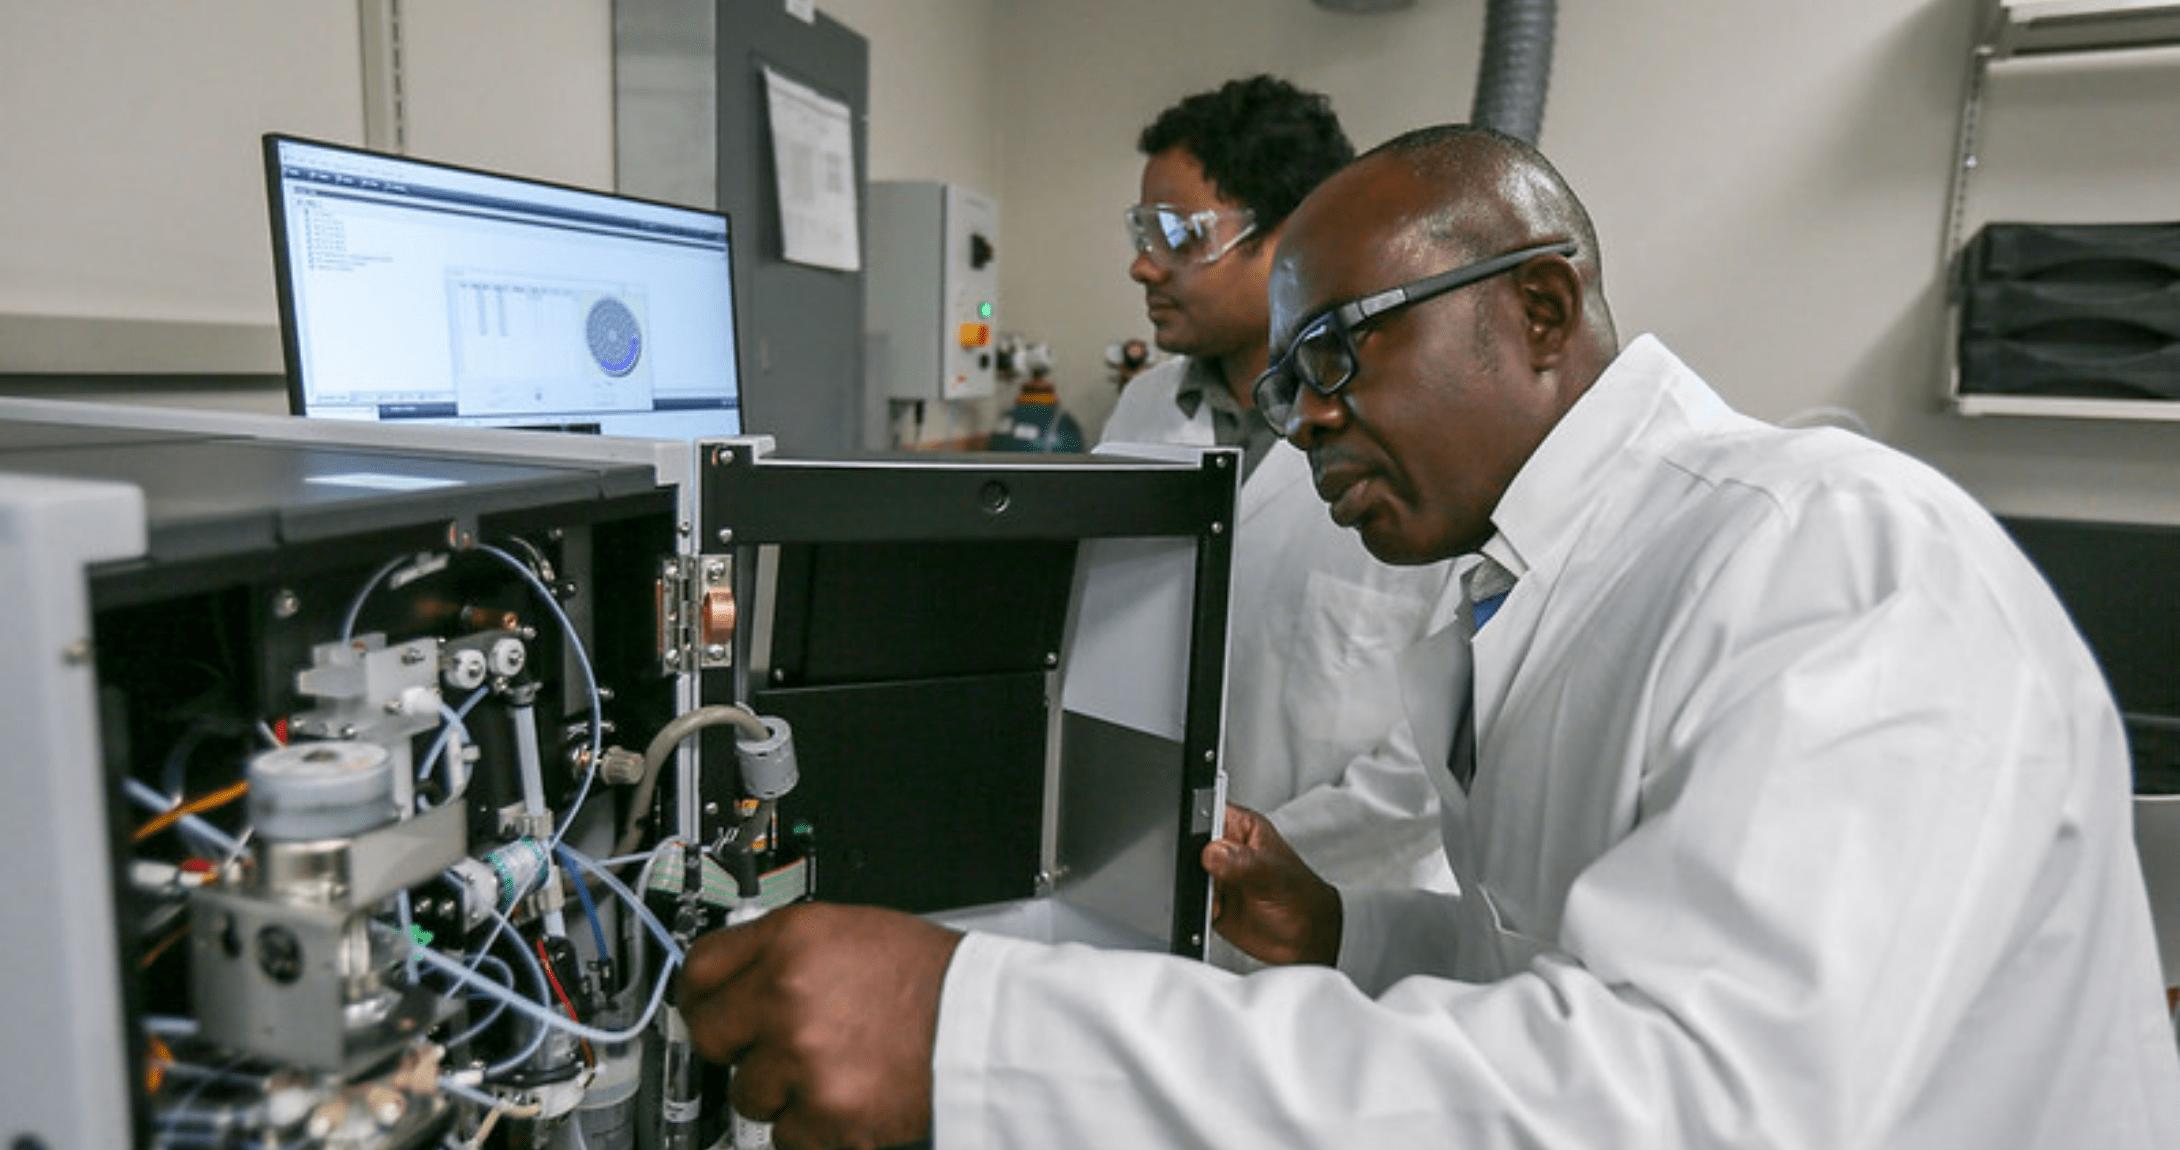 Dos profesores de ingeniería en el laboratorio mirando la máquina